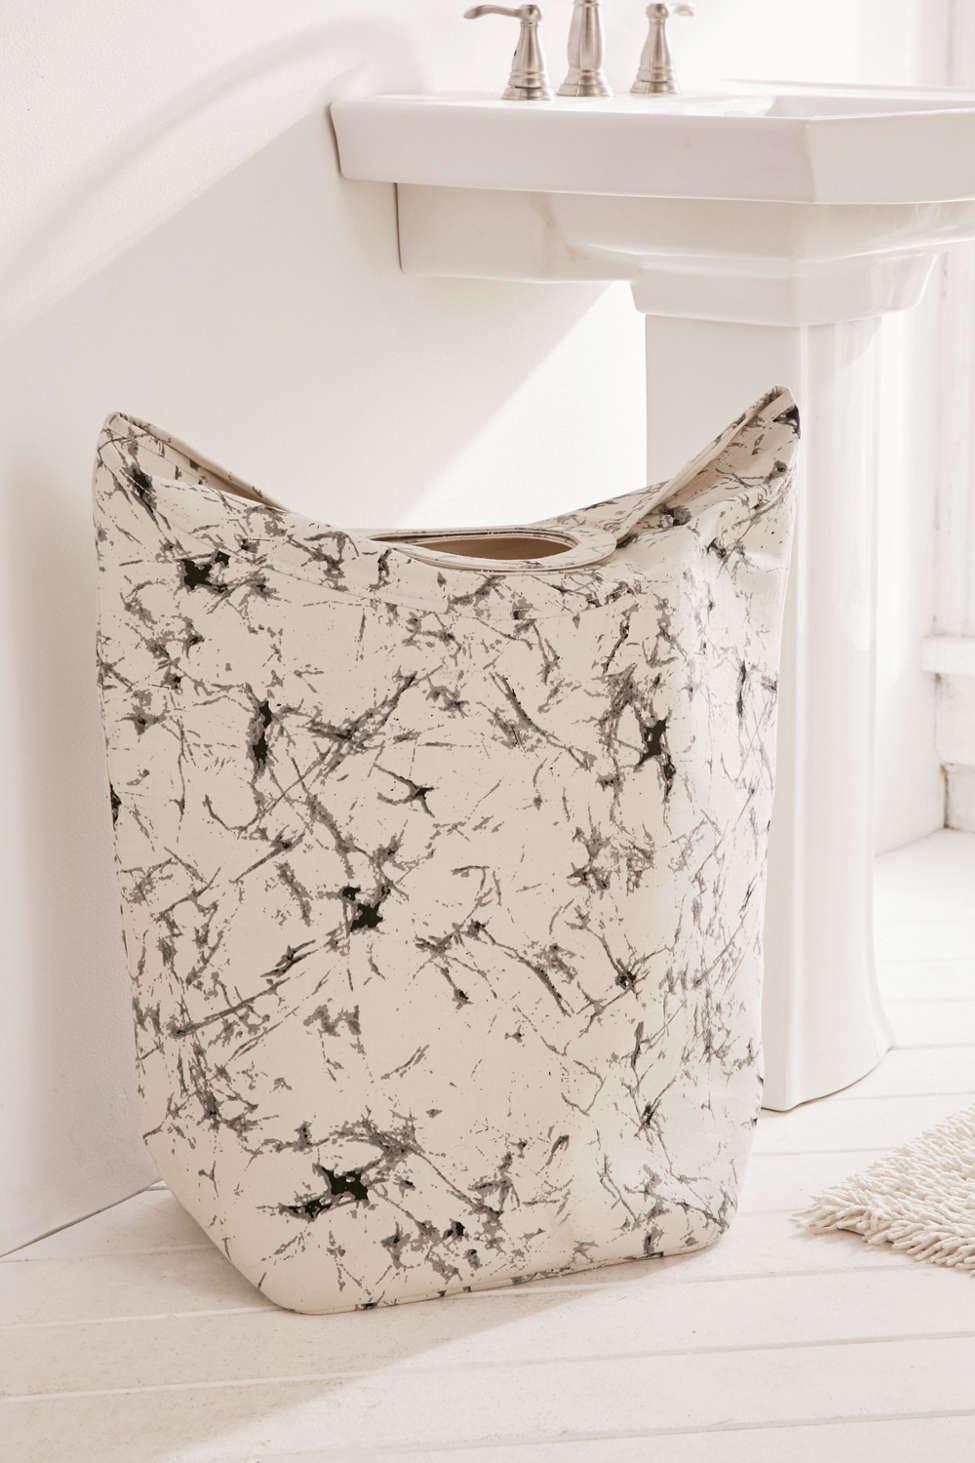 Slide View: 1: Batik Crackle Standing Laundry Bag Hamper